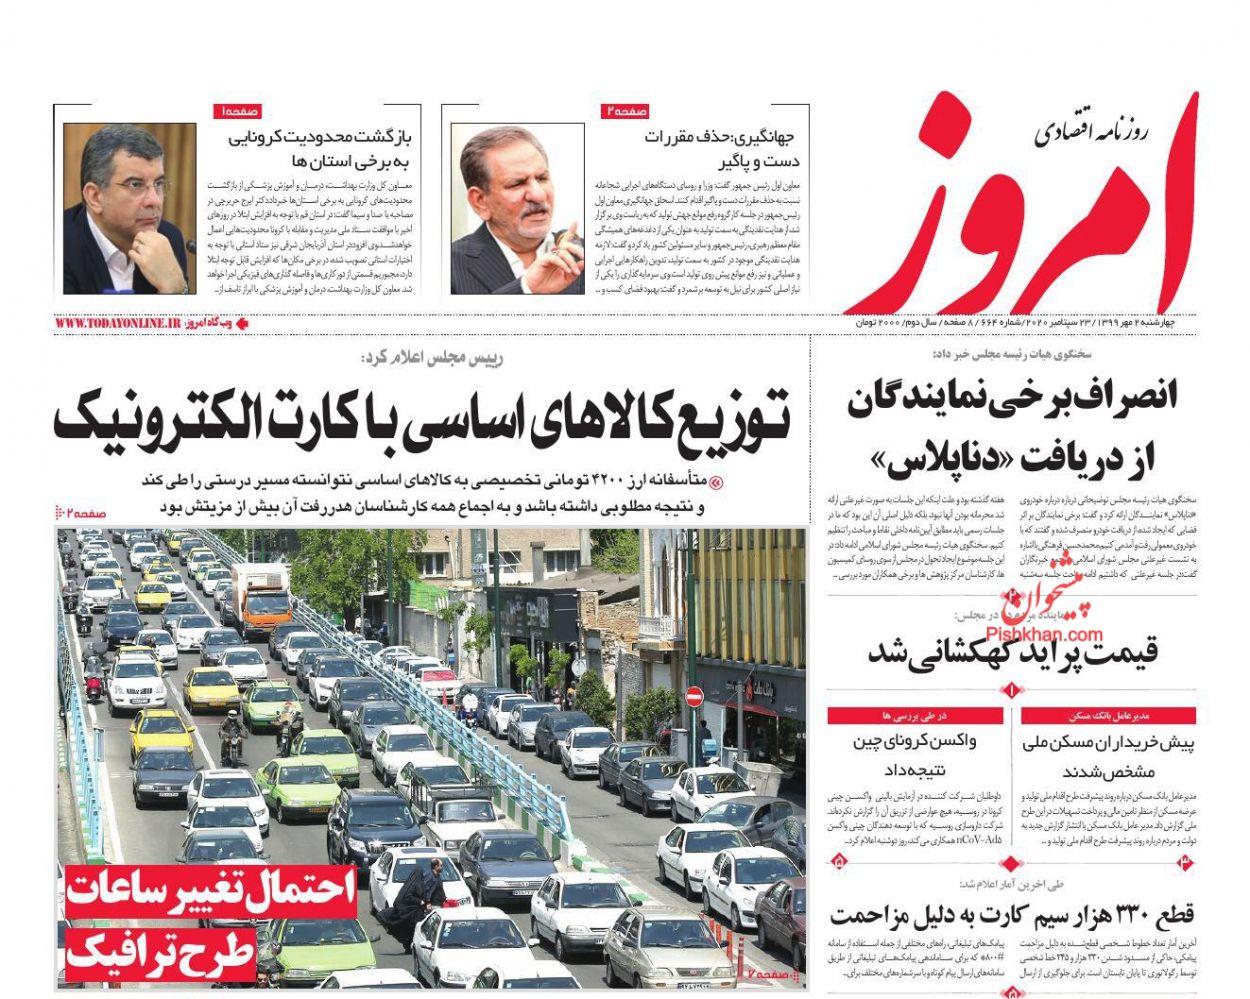 عناوین اخبار روزنامه امروز در روز چهارشنبه ۲ مهر